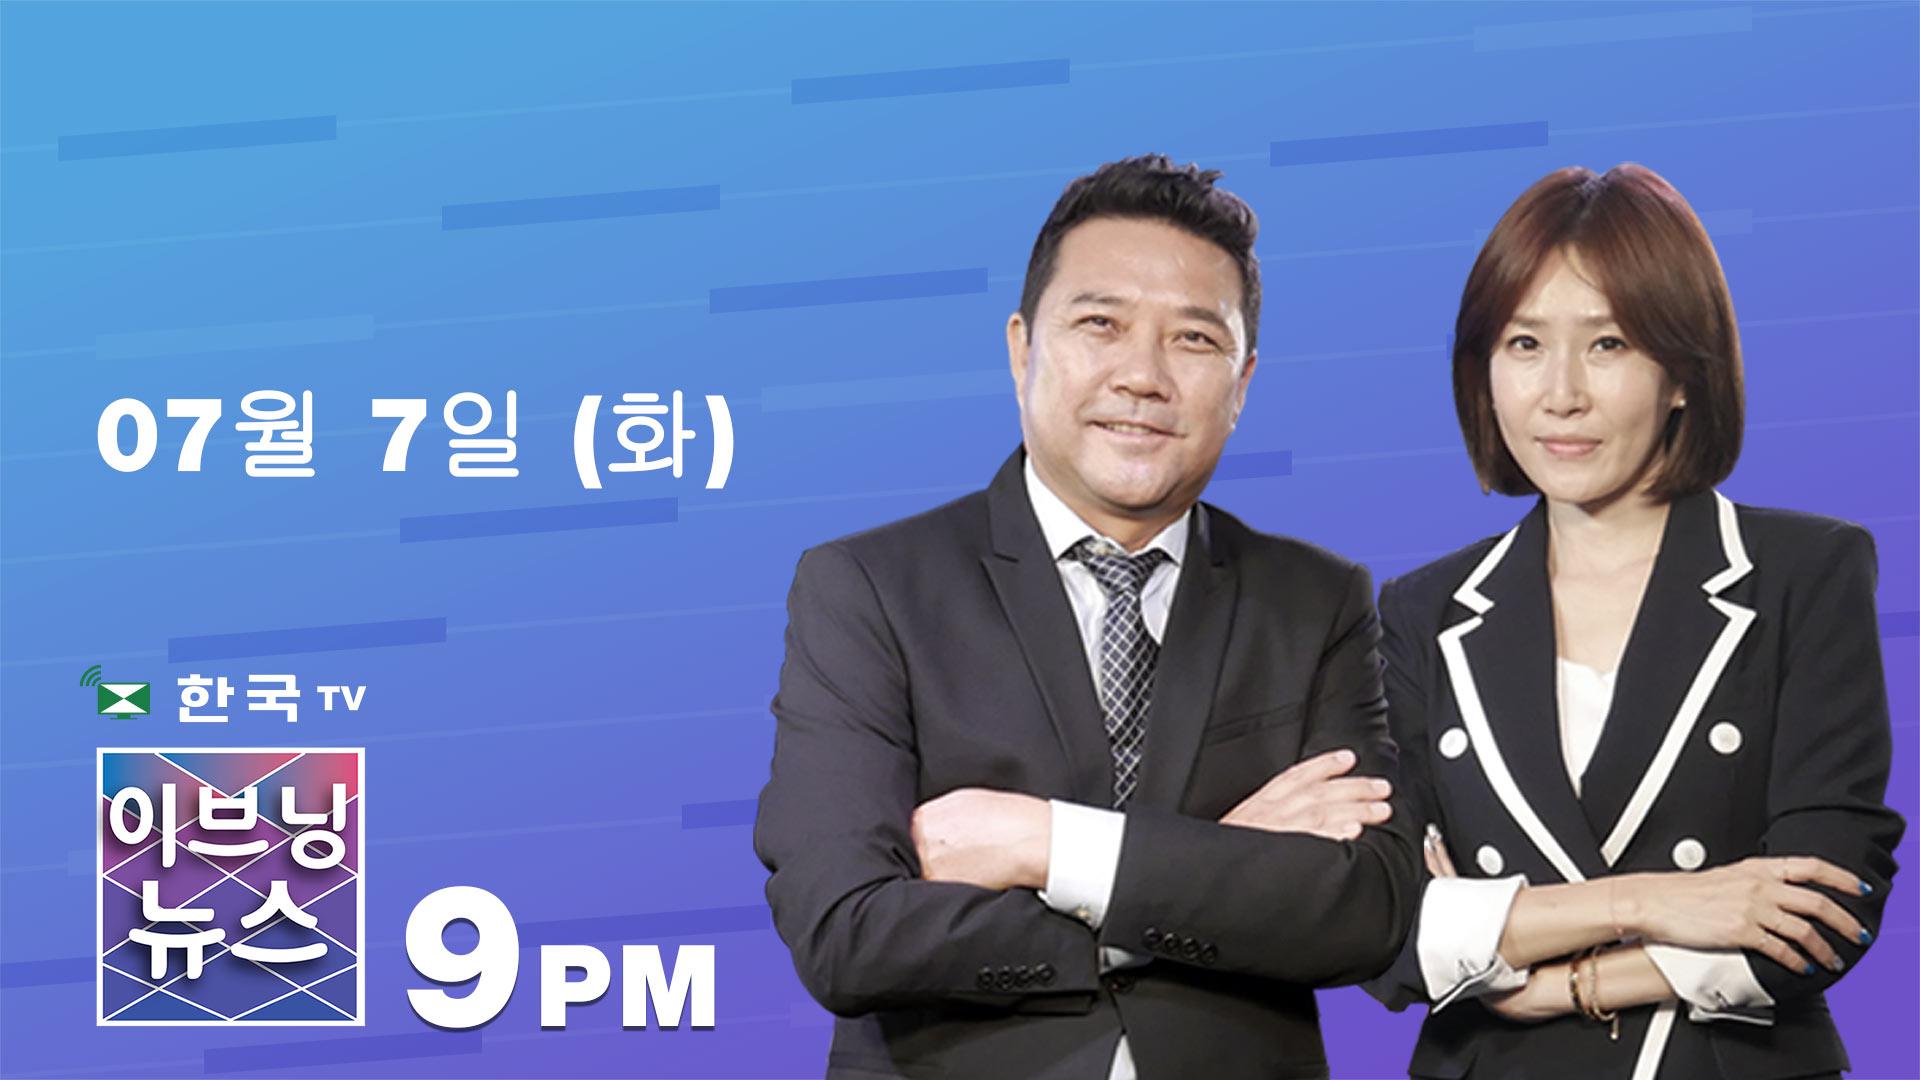 (07.07.2020) 한국TV 이브닝 뉴스